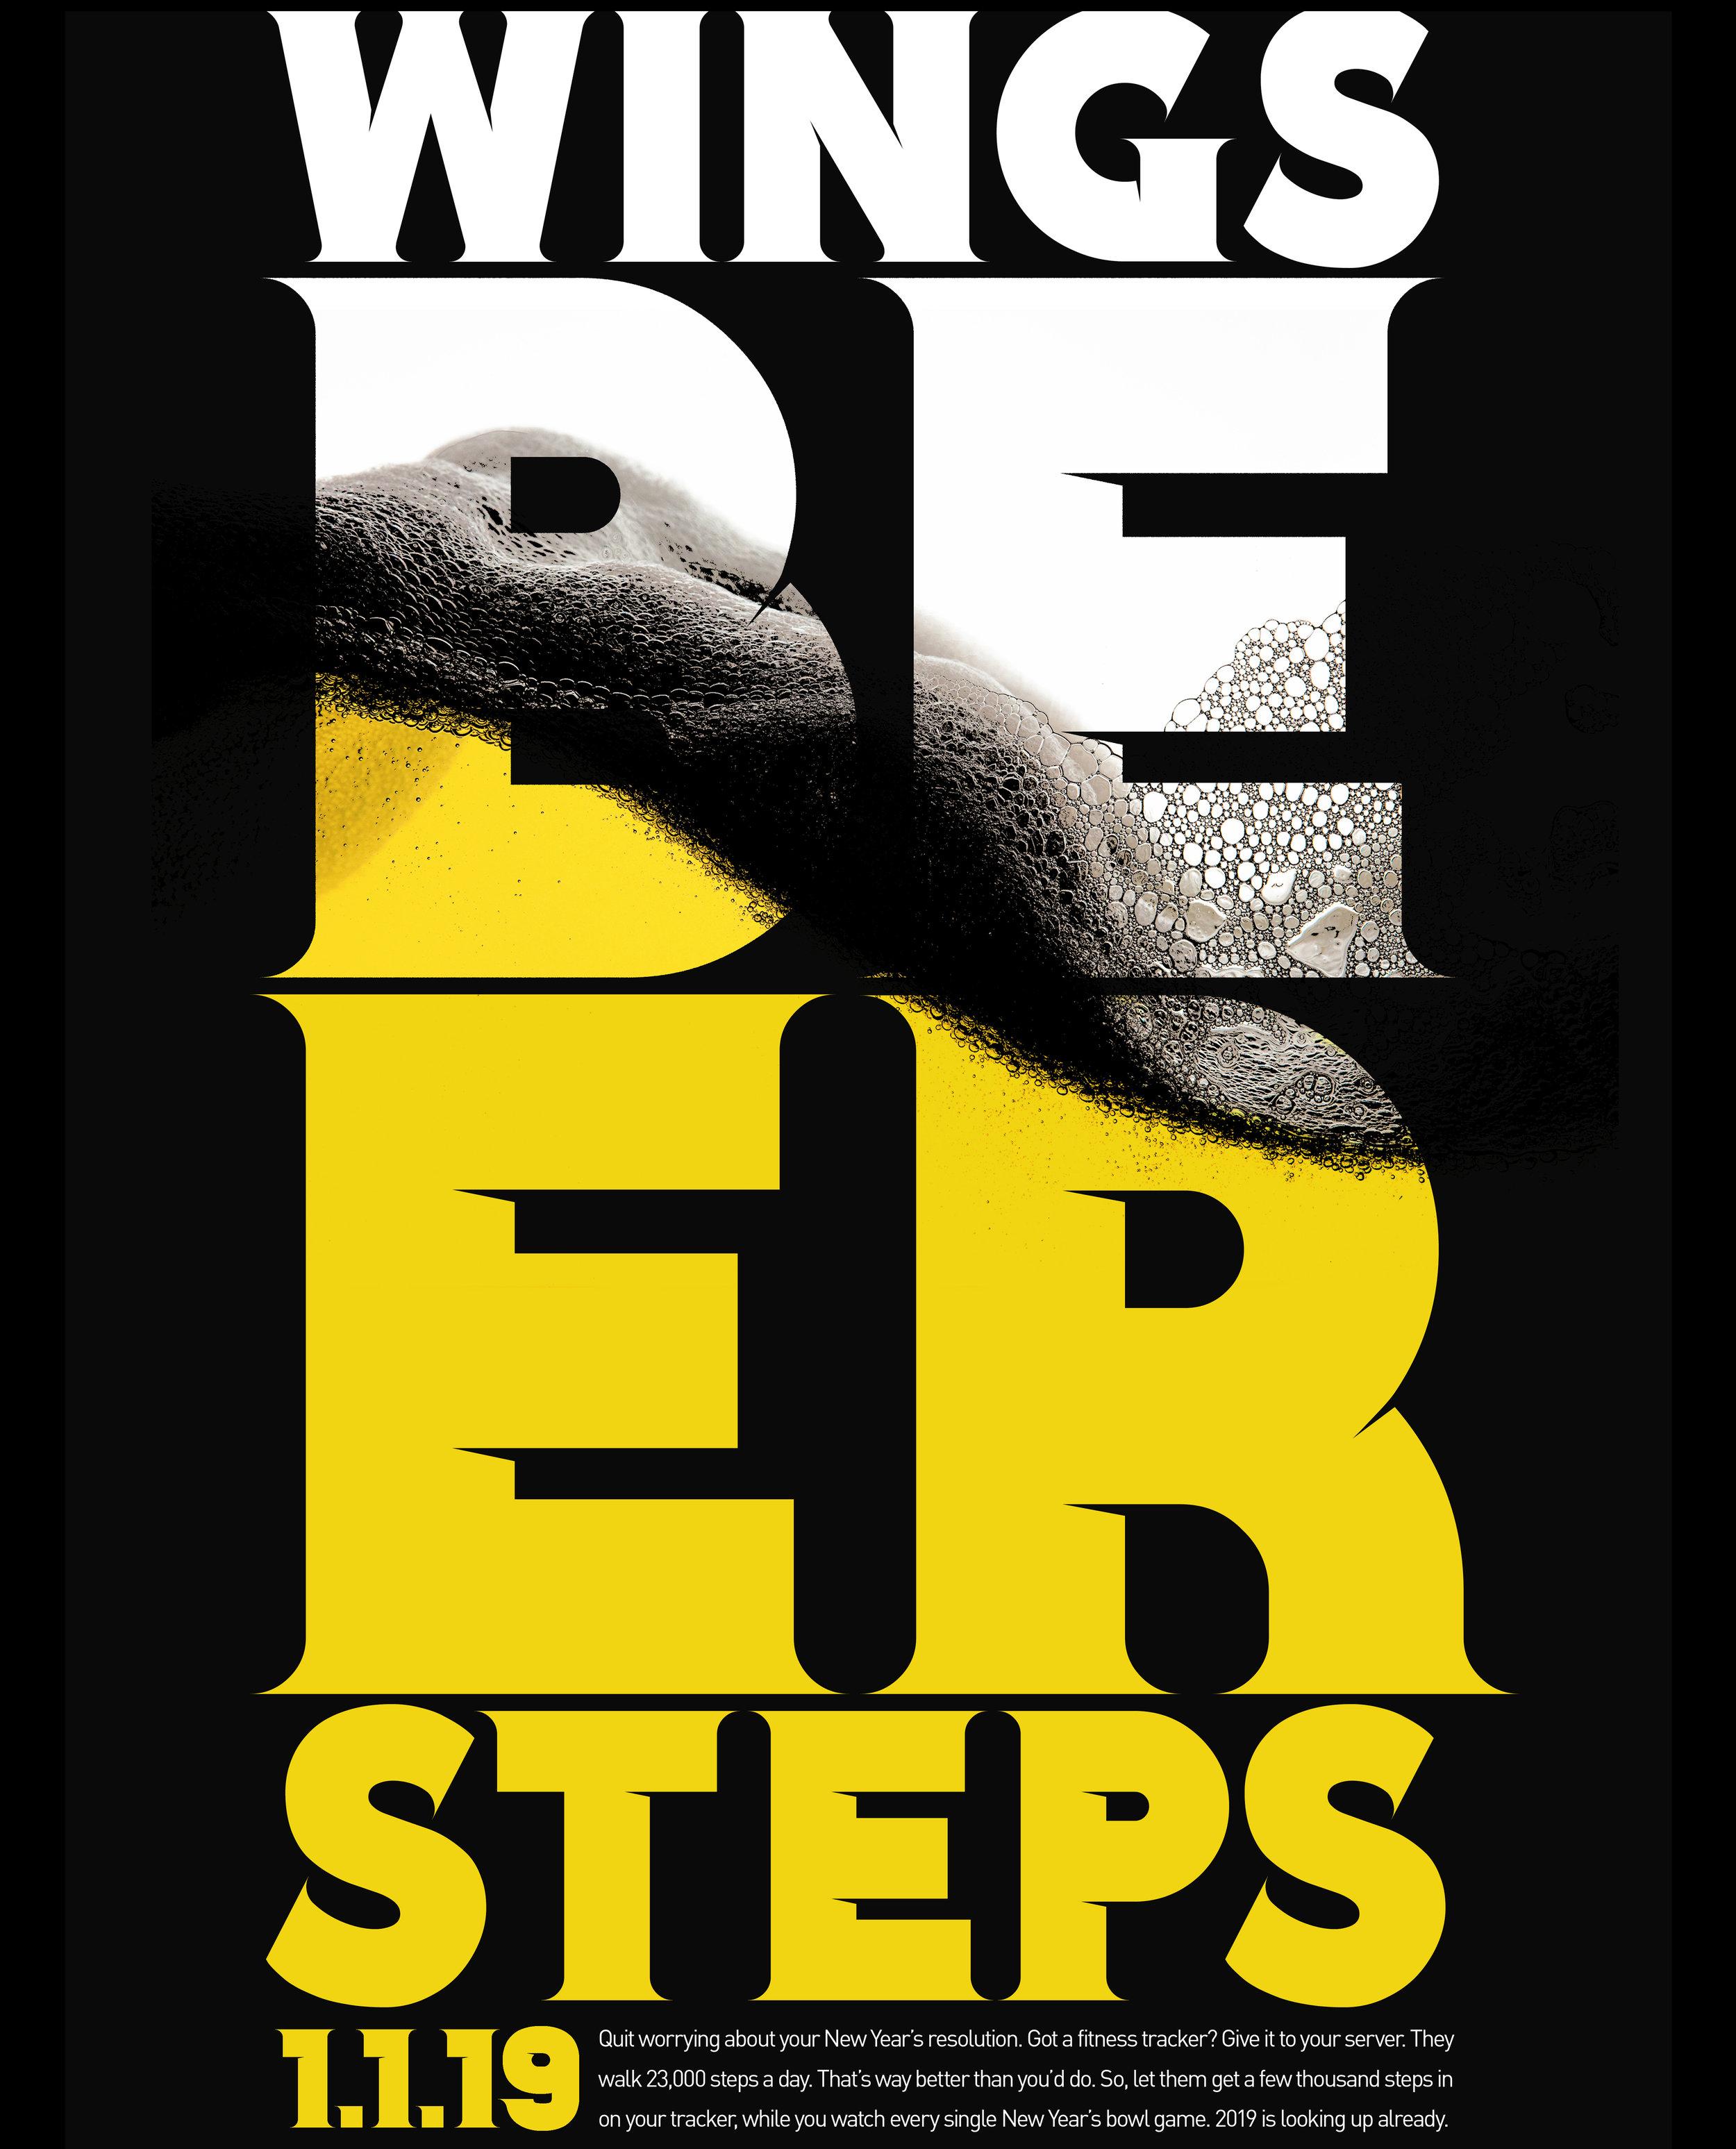 bdubs_wingsbeersteps.jpg